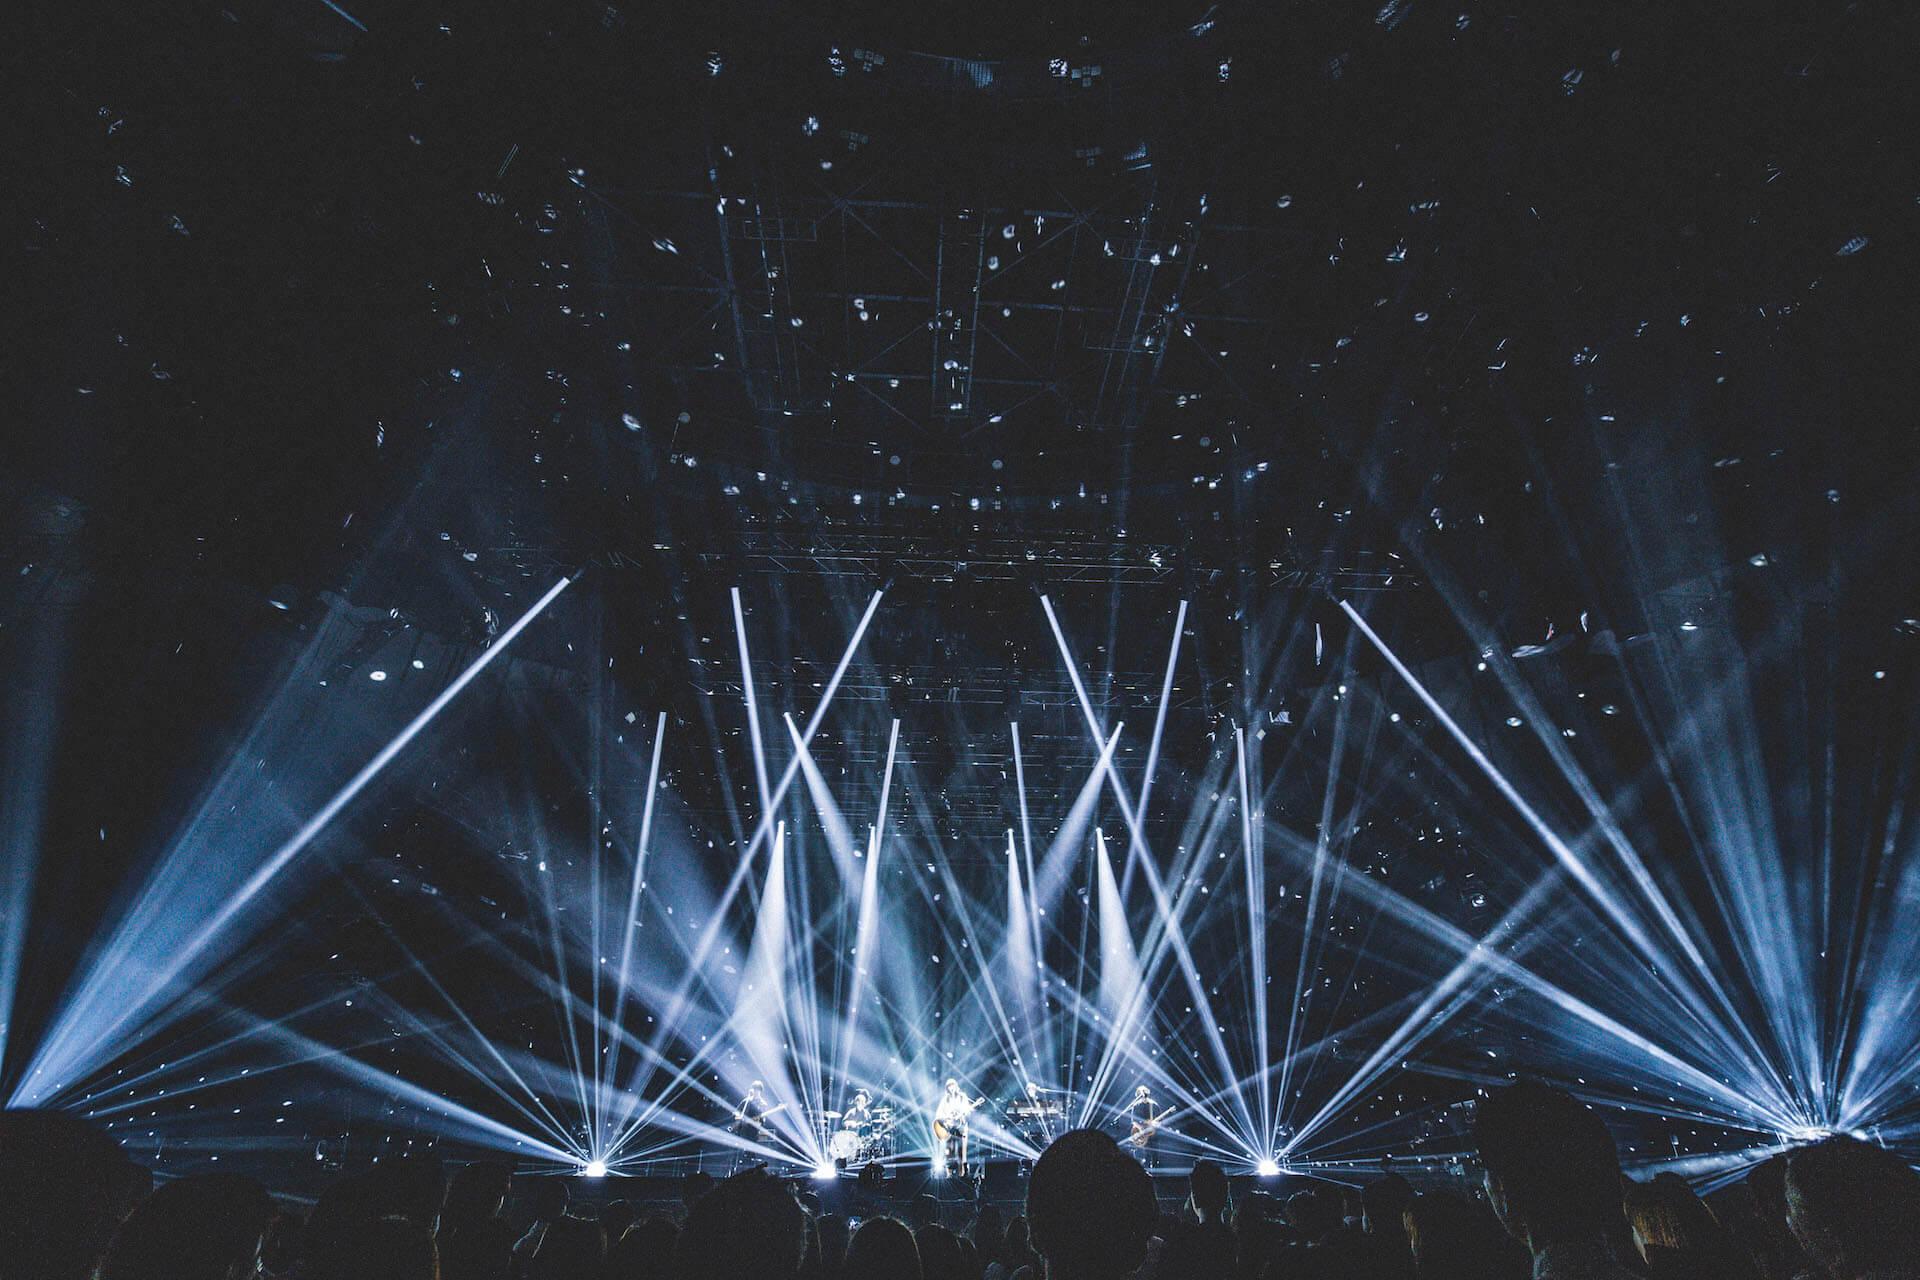 13,000人が大熱狂!あいみょん<AIMYON TOUR 2019 -SIXTH SENSE STORY->最終公演のライブレポートが到着 music191219_aimyon_live_9